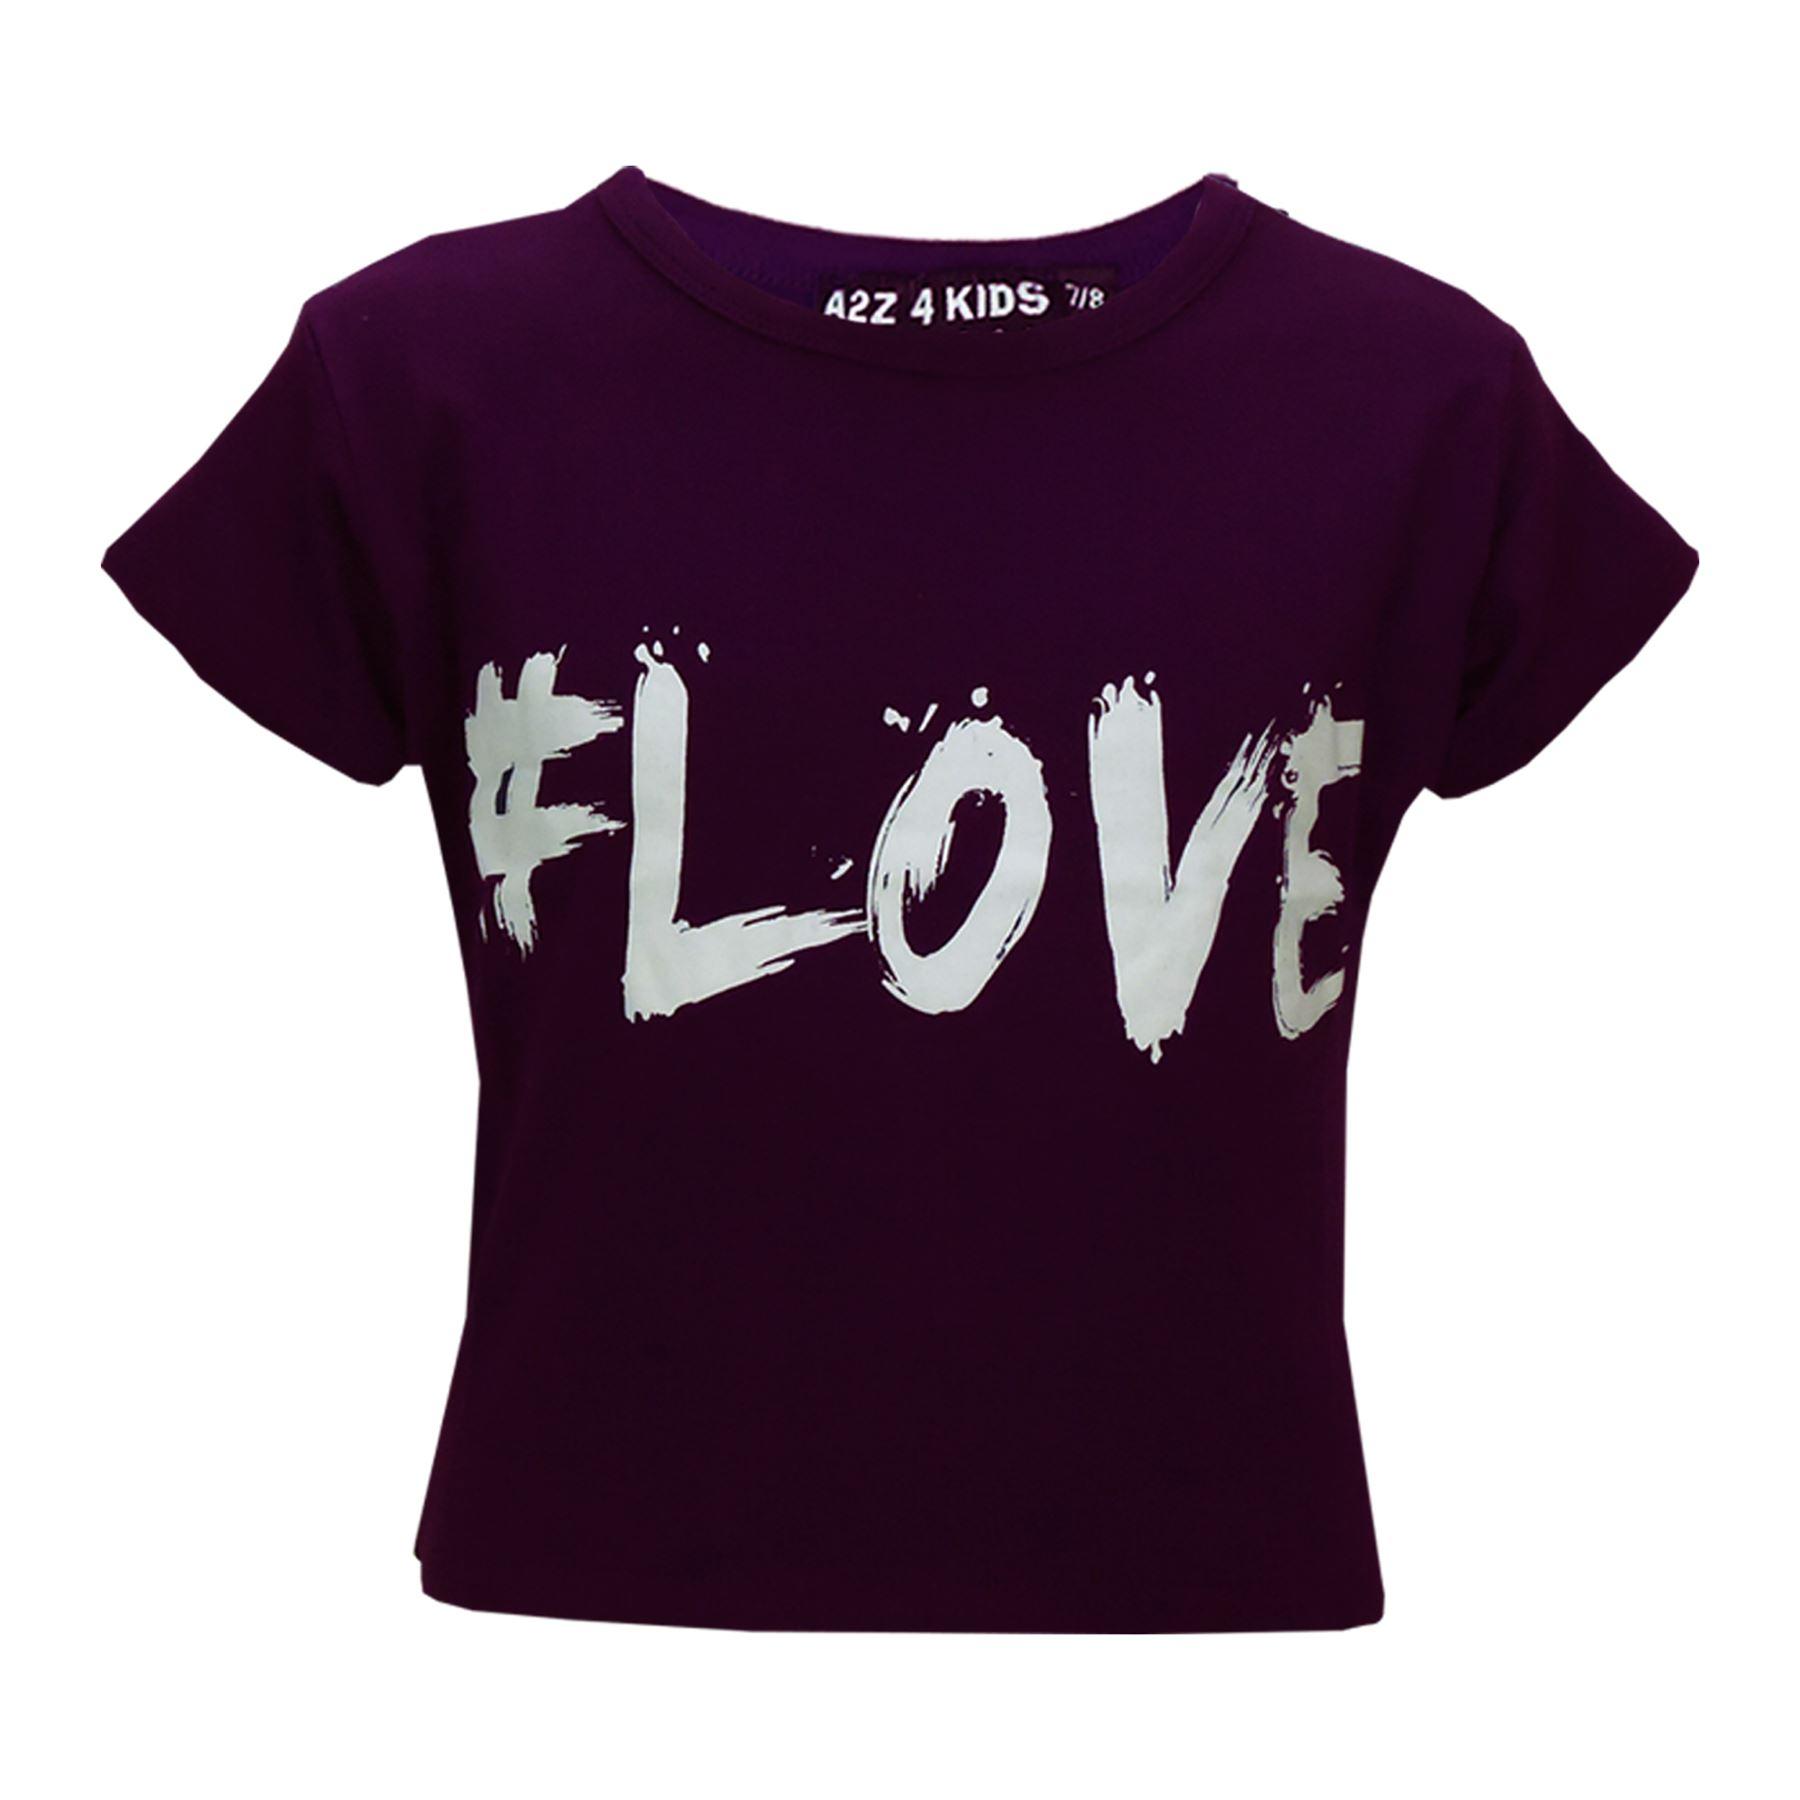 c028022b35 Girls Tops Kids Love Paris NYC  SELFIE Crop Top   Double Layer ...